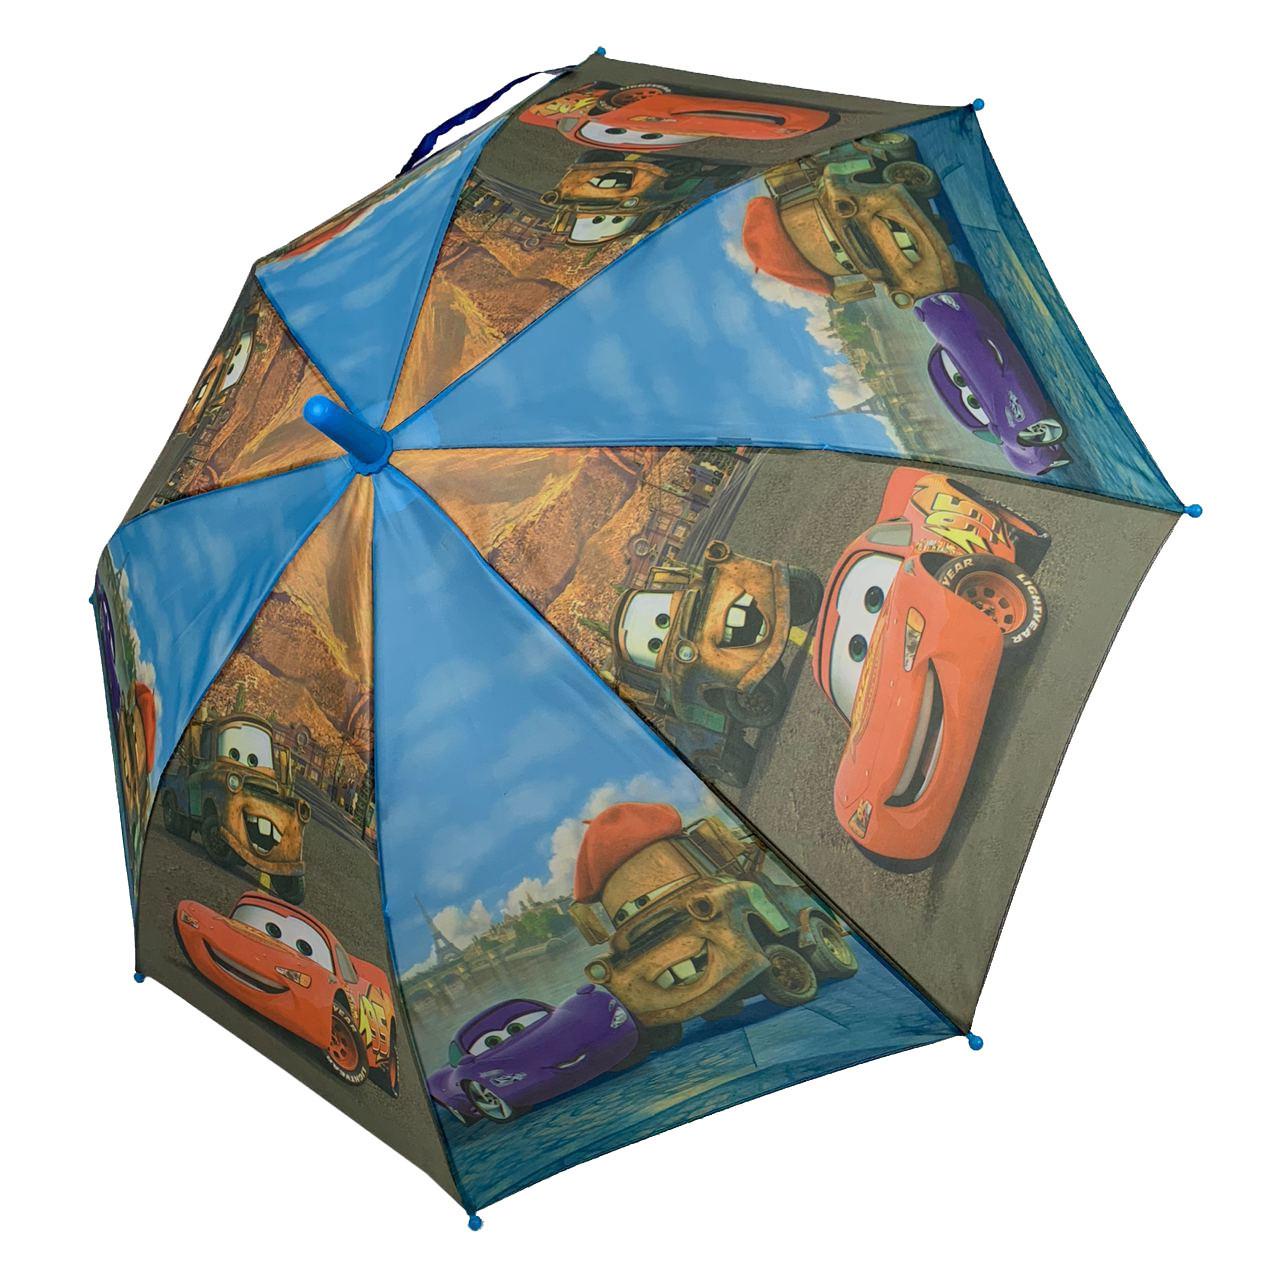 """Дитячий парасольку-тростину """"Тачки-Маквін"""" зі свистком для хлопчика від Max, блакитний, 009-1"""